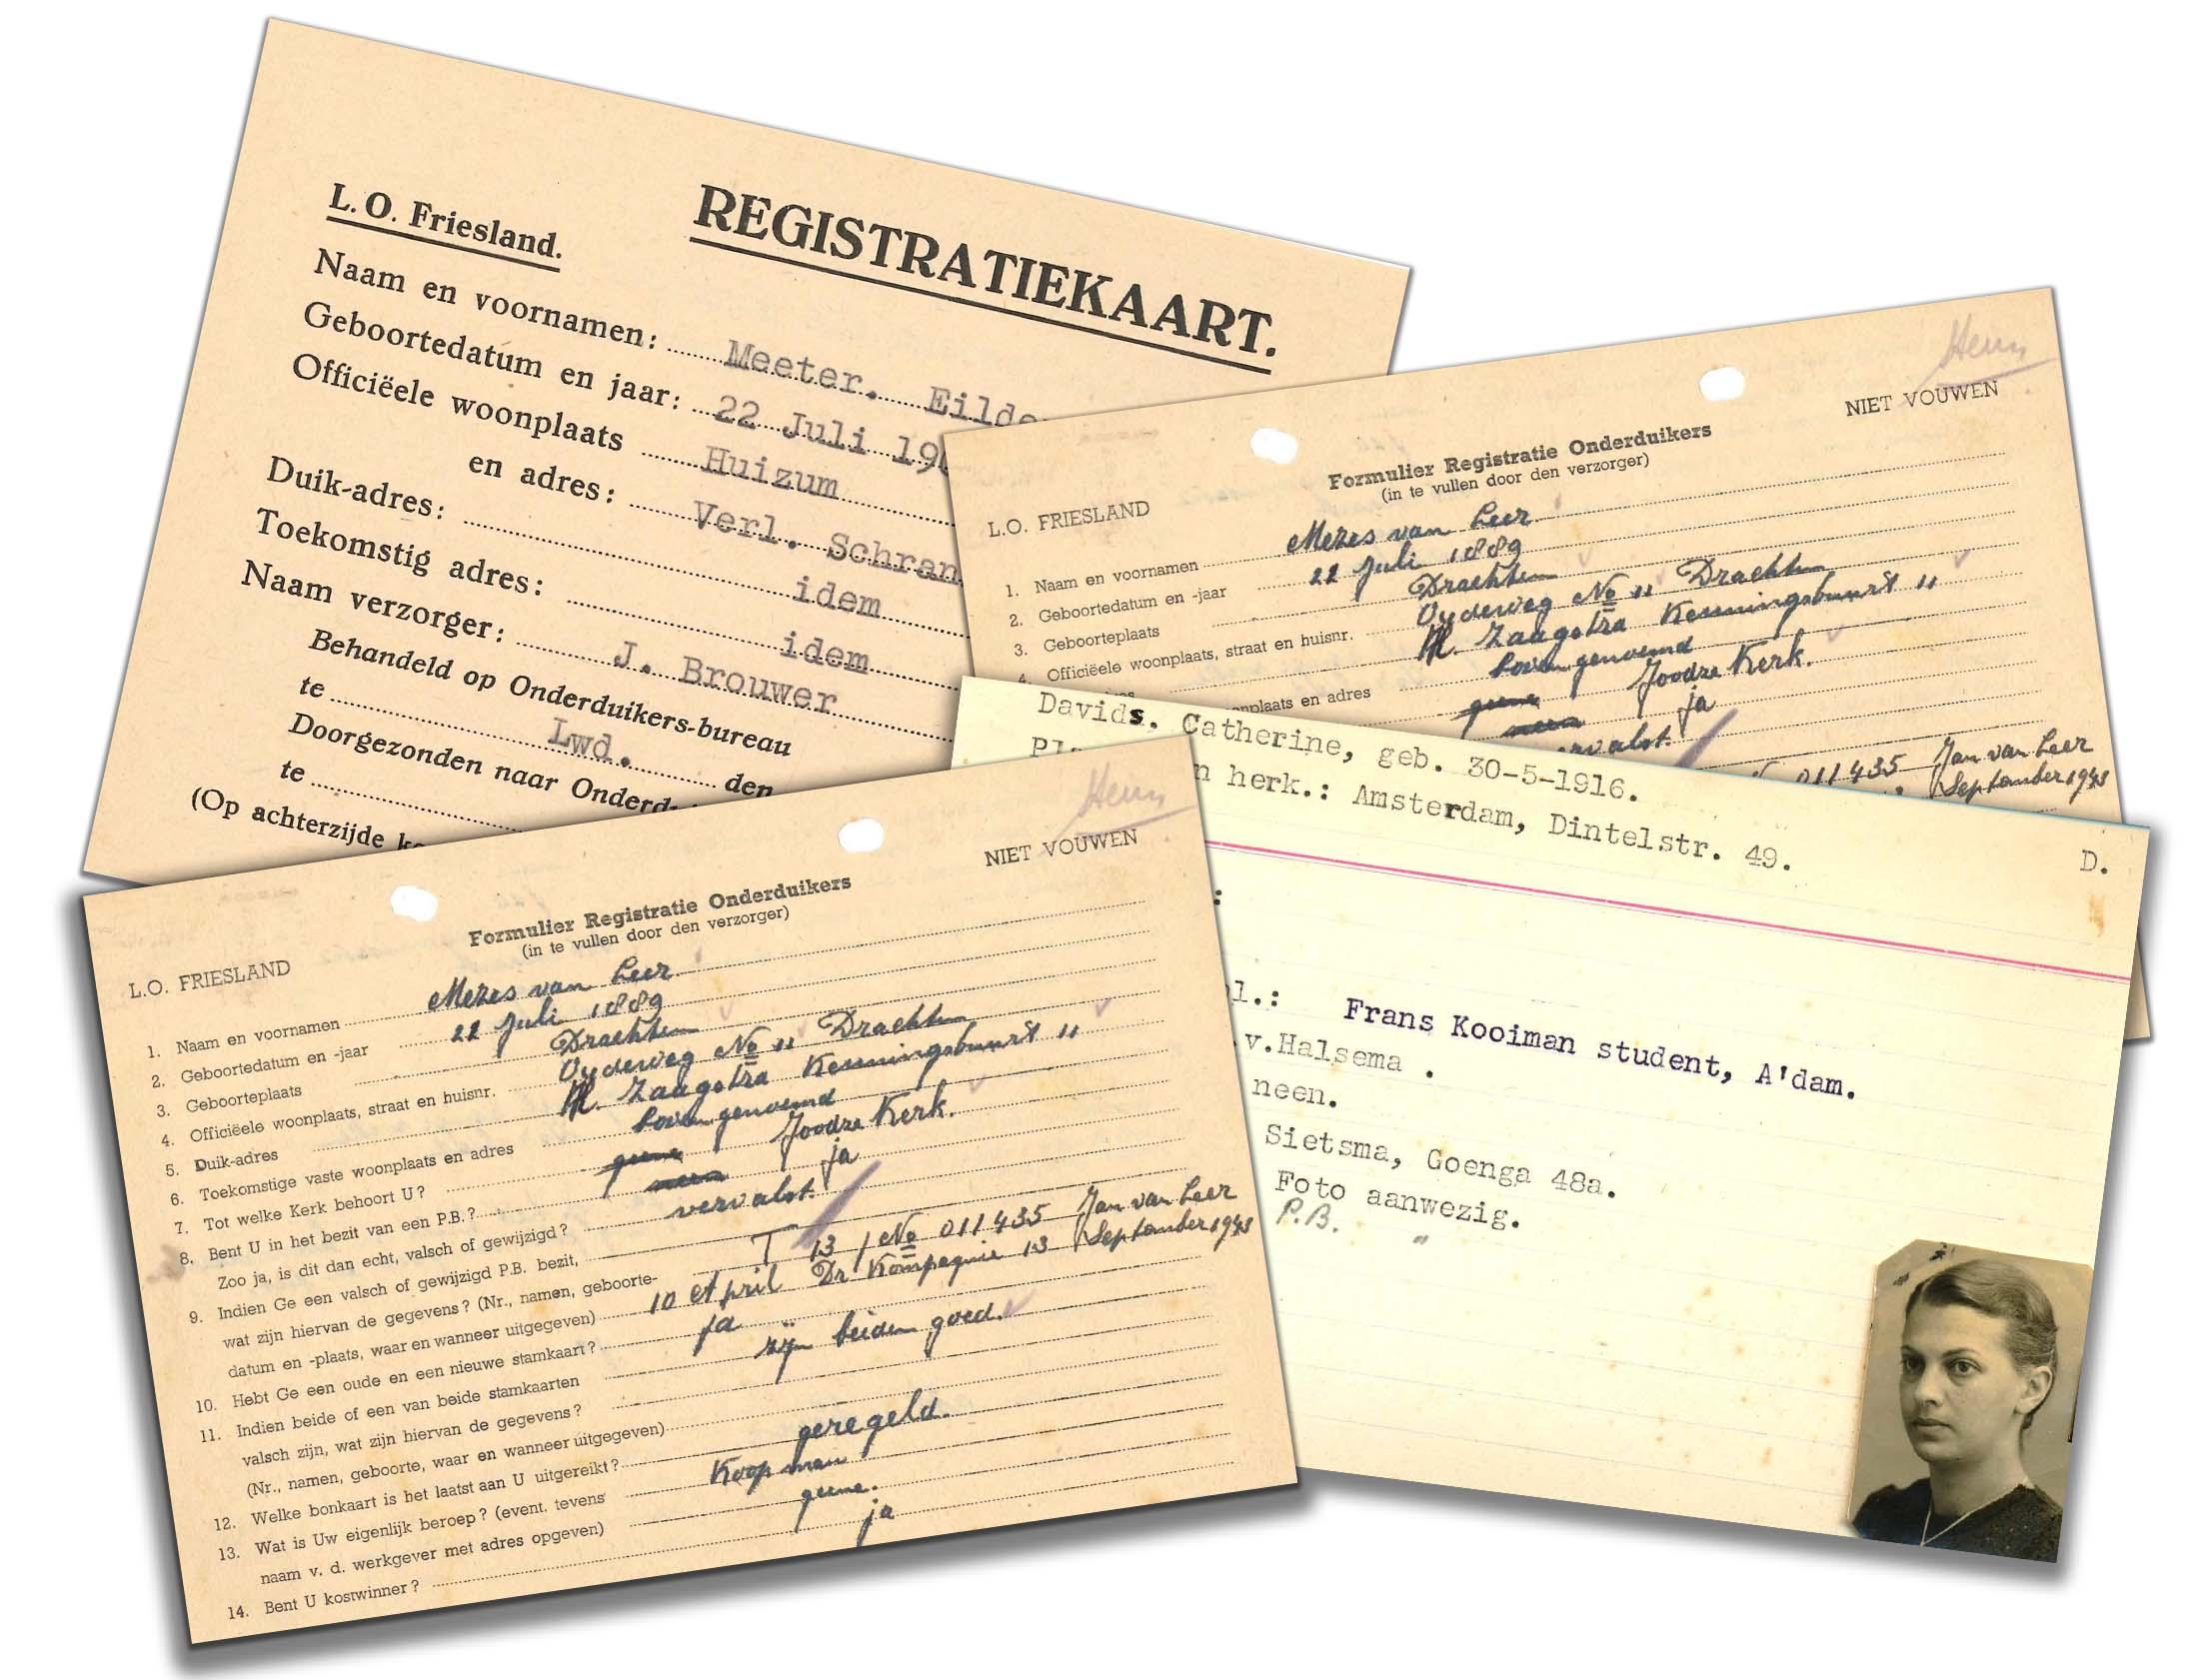 Voorbeelden registratiekaarten